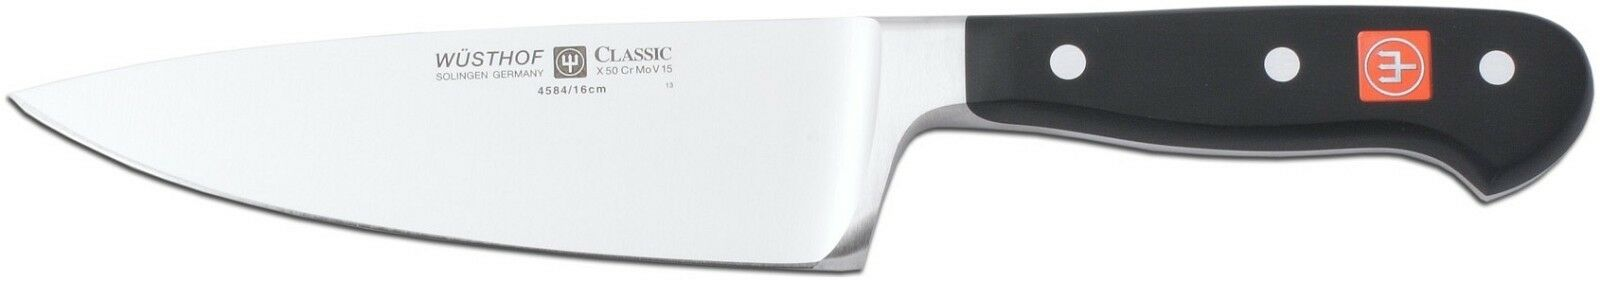 Wusthof Classic 6 inch Wide Chefs Knife, - 4584 16 - NIB